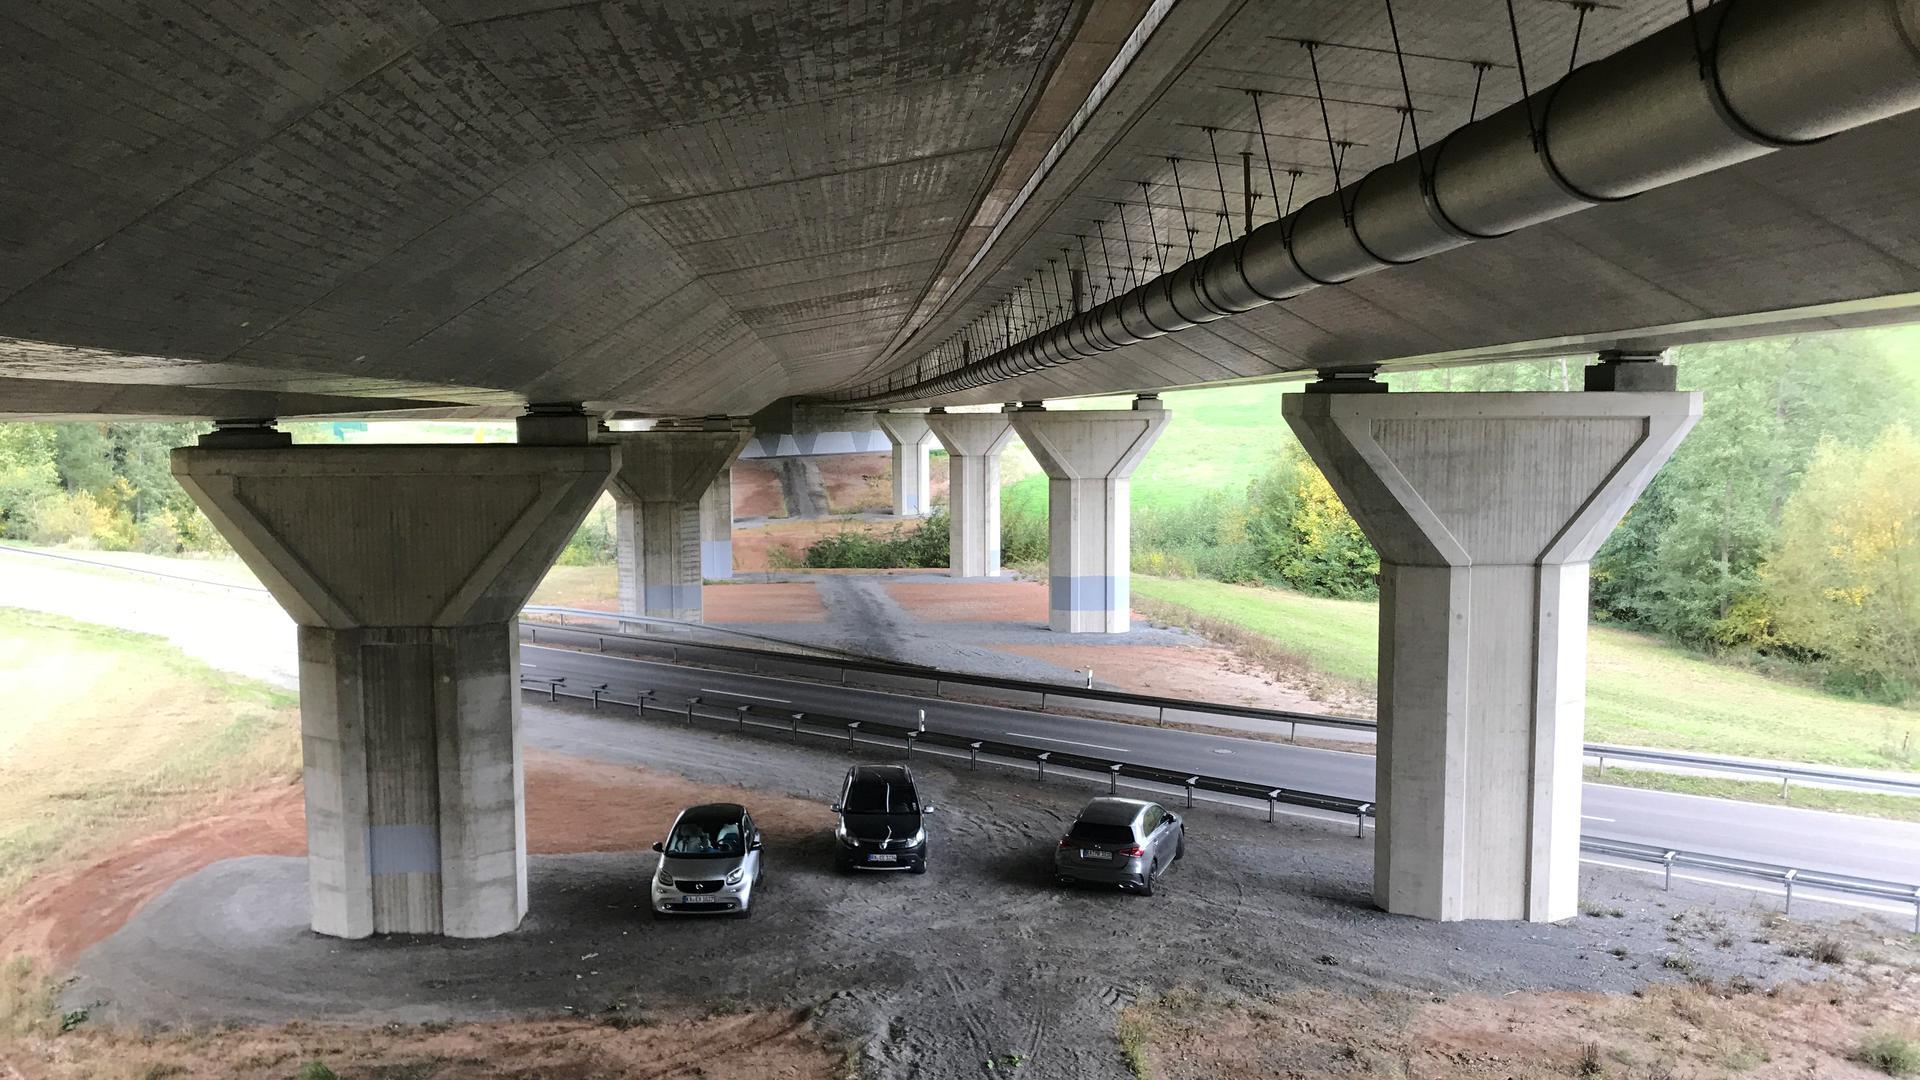 Pfeiler, drei Autos und Brückenbauerk von unten